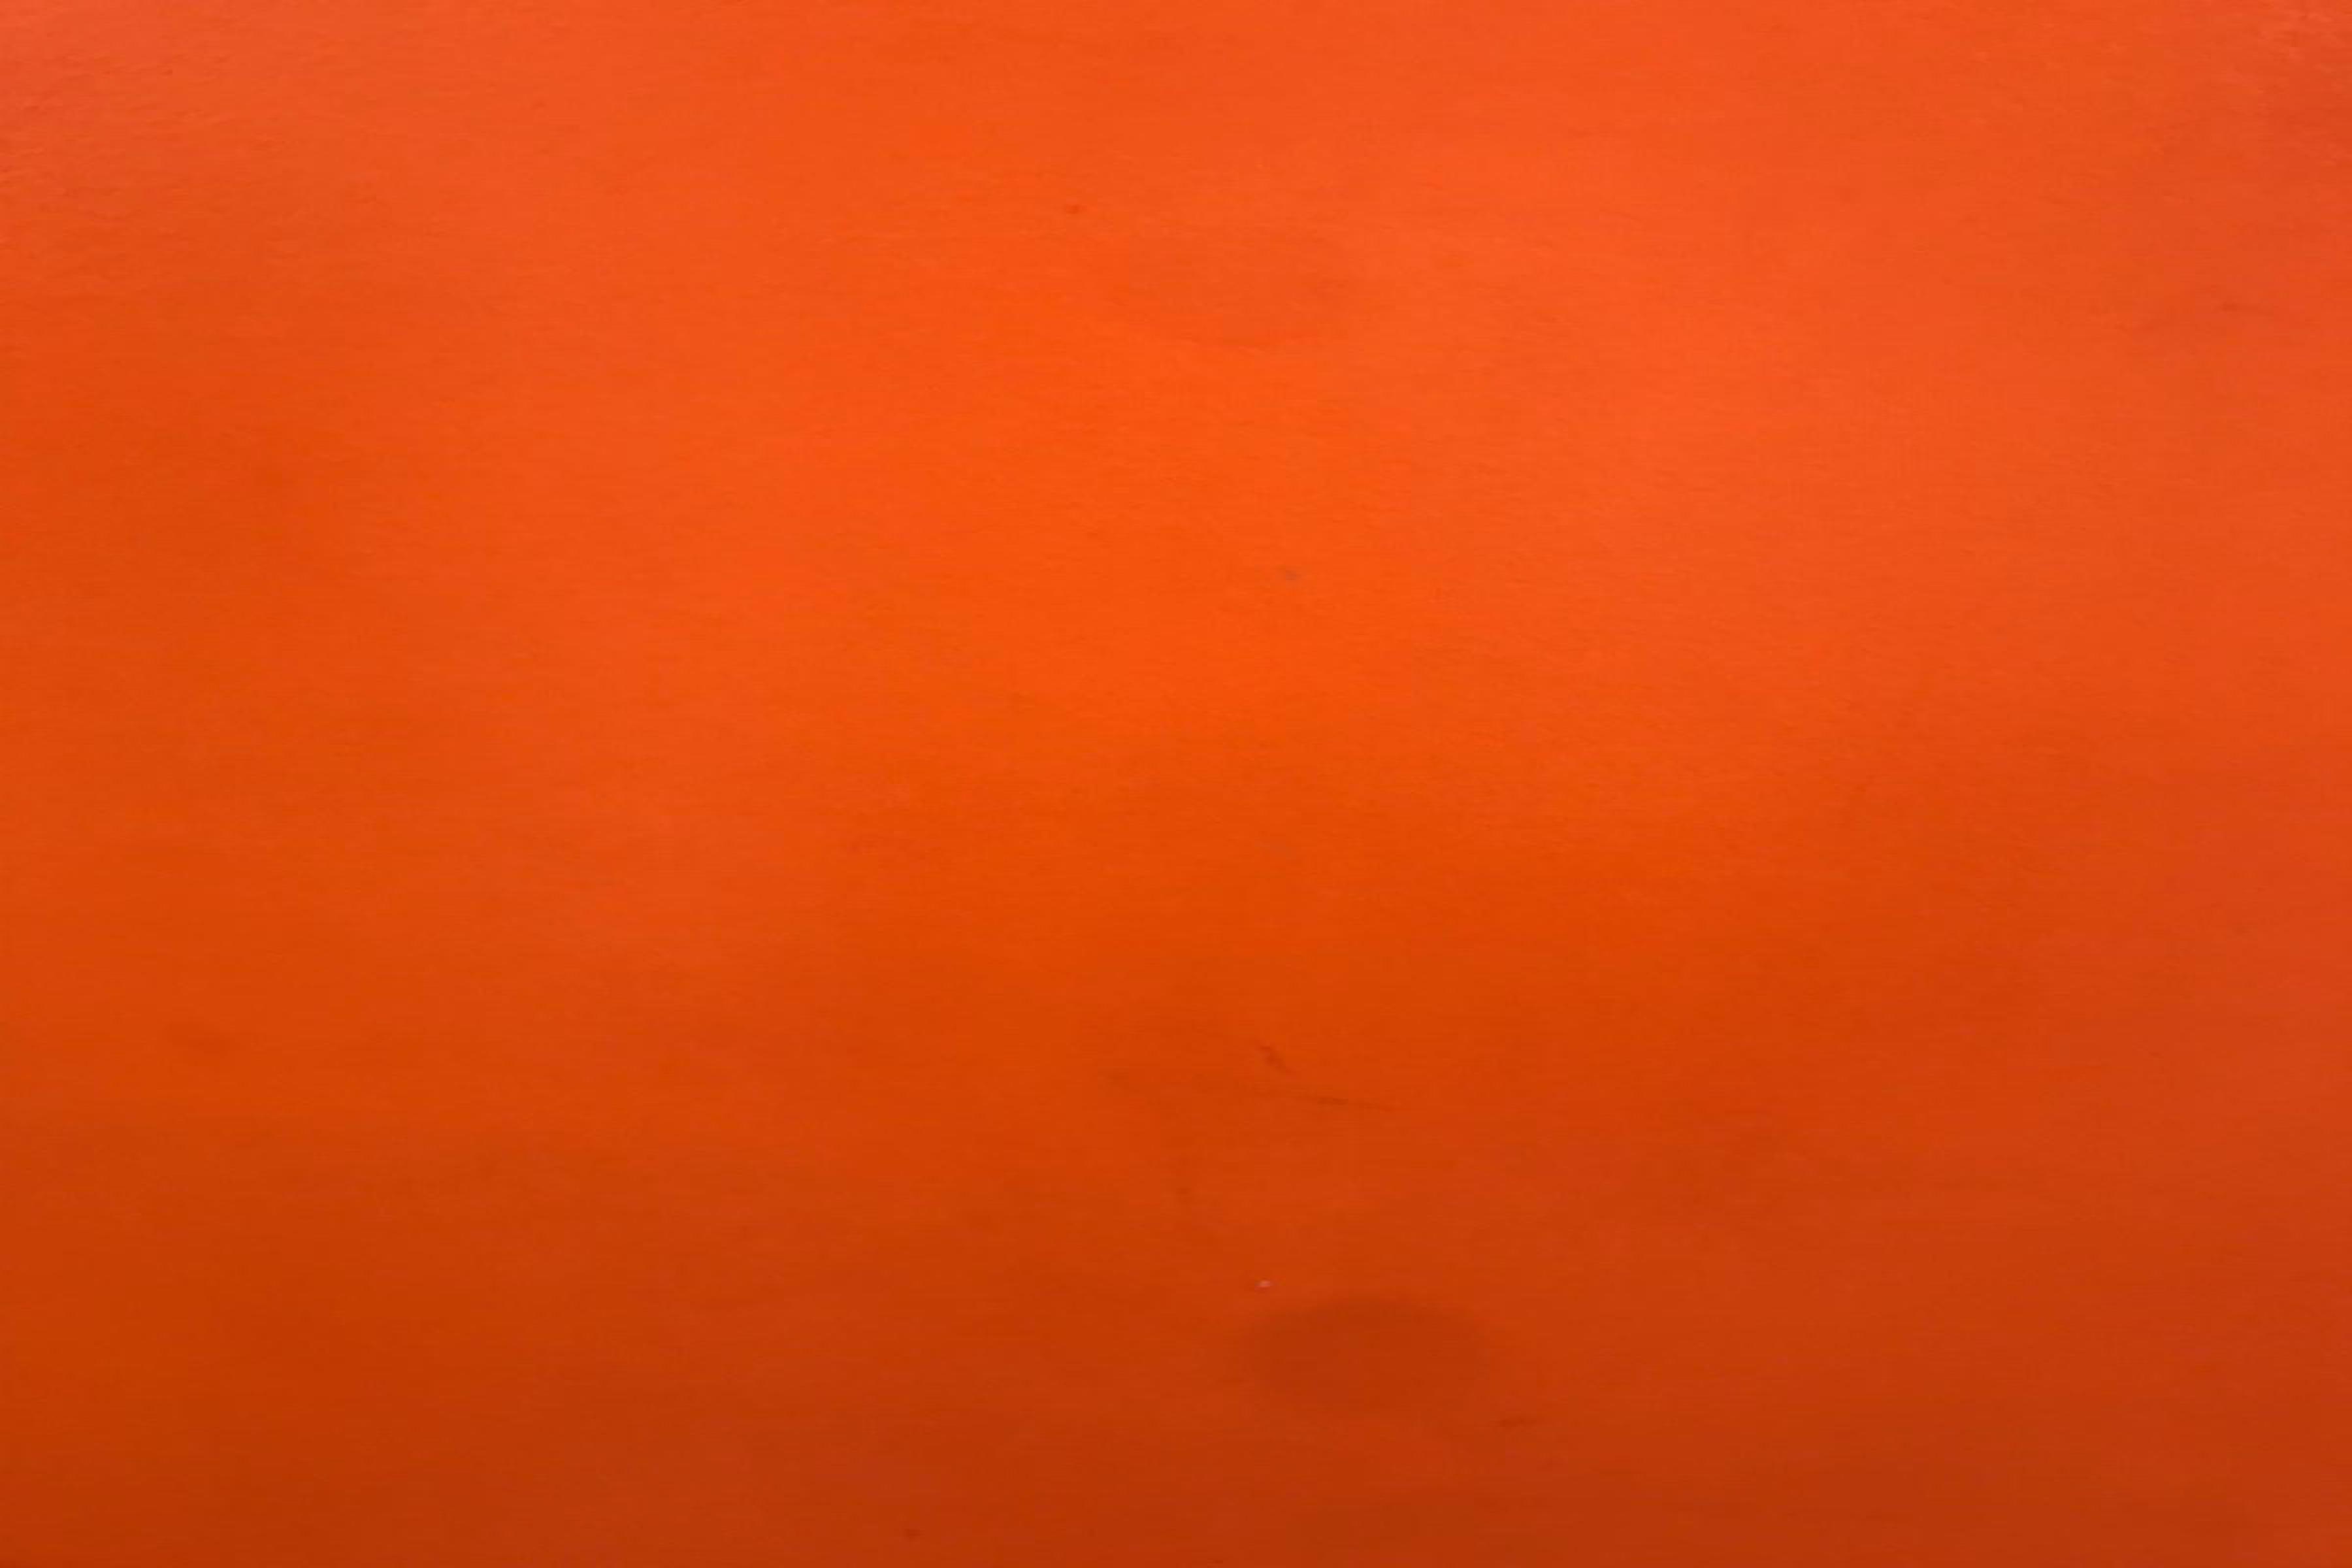 oranža krāsa